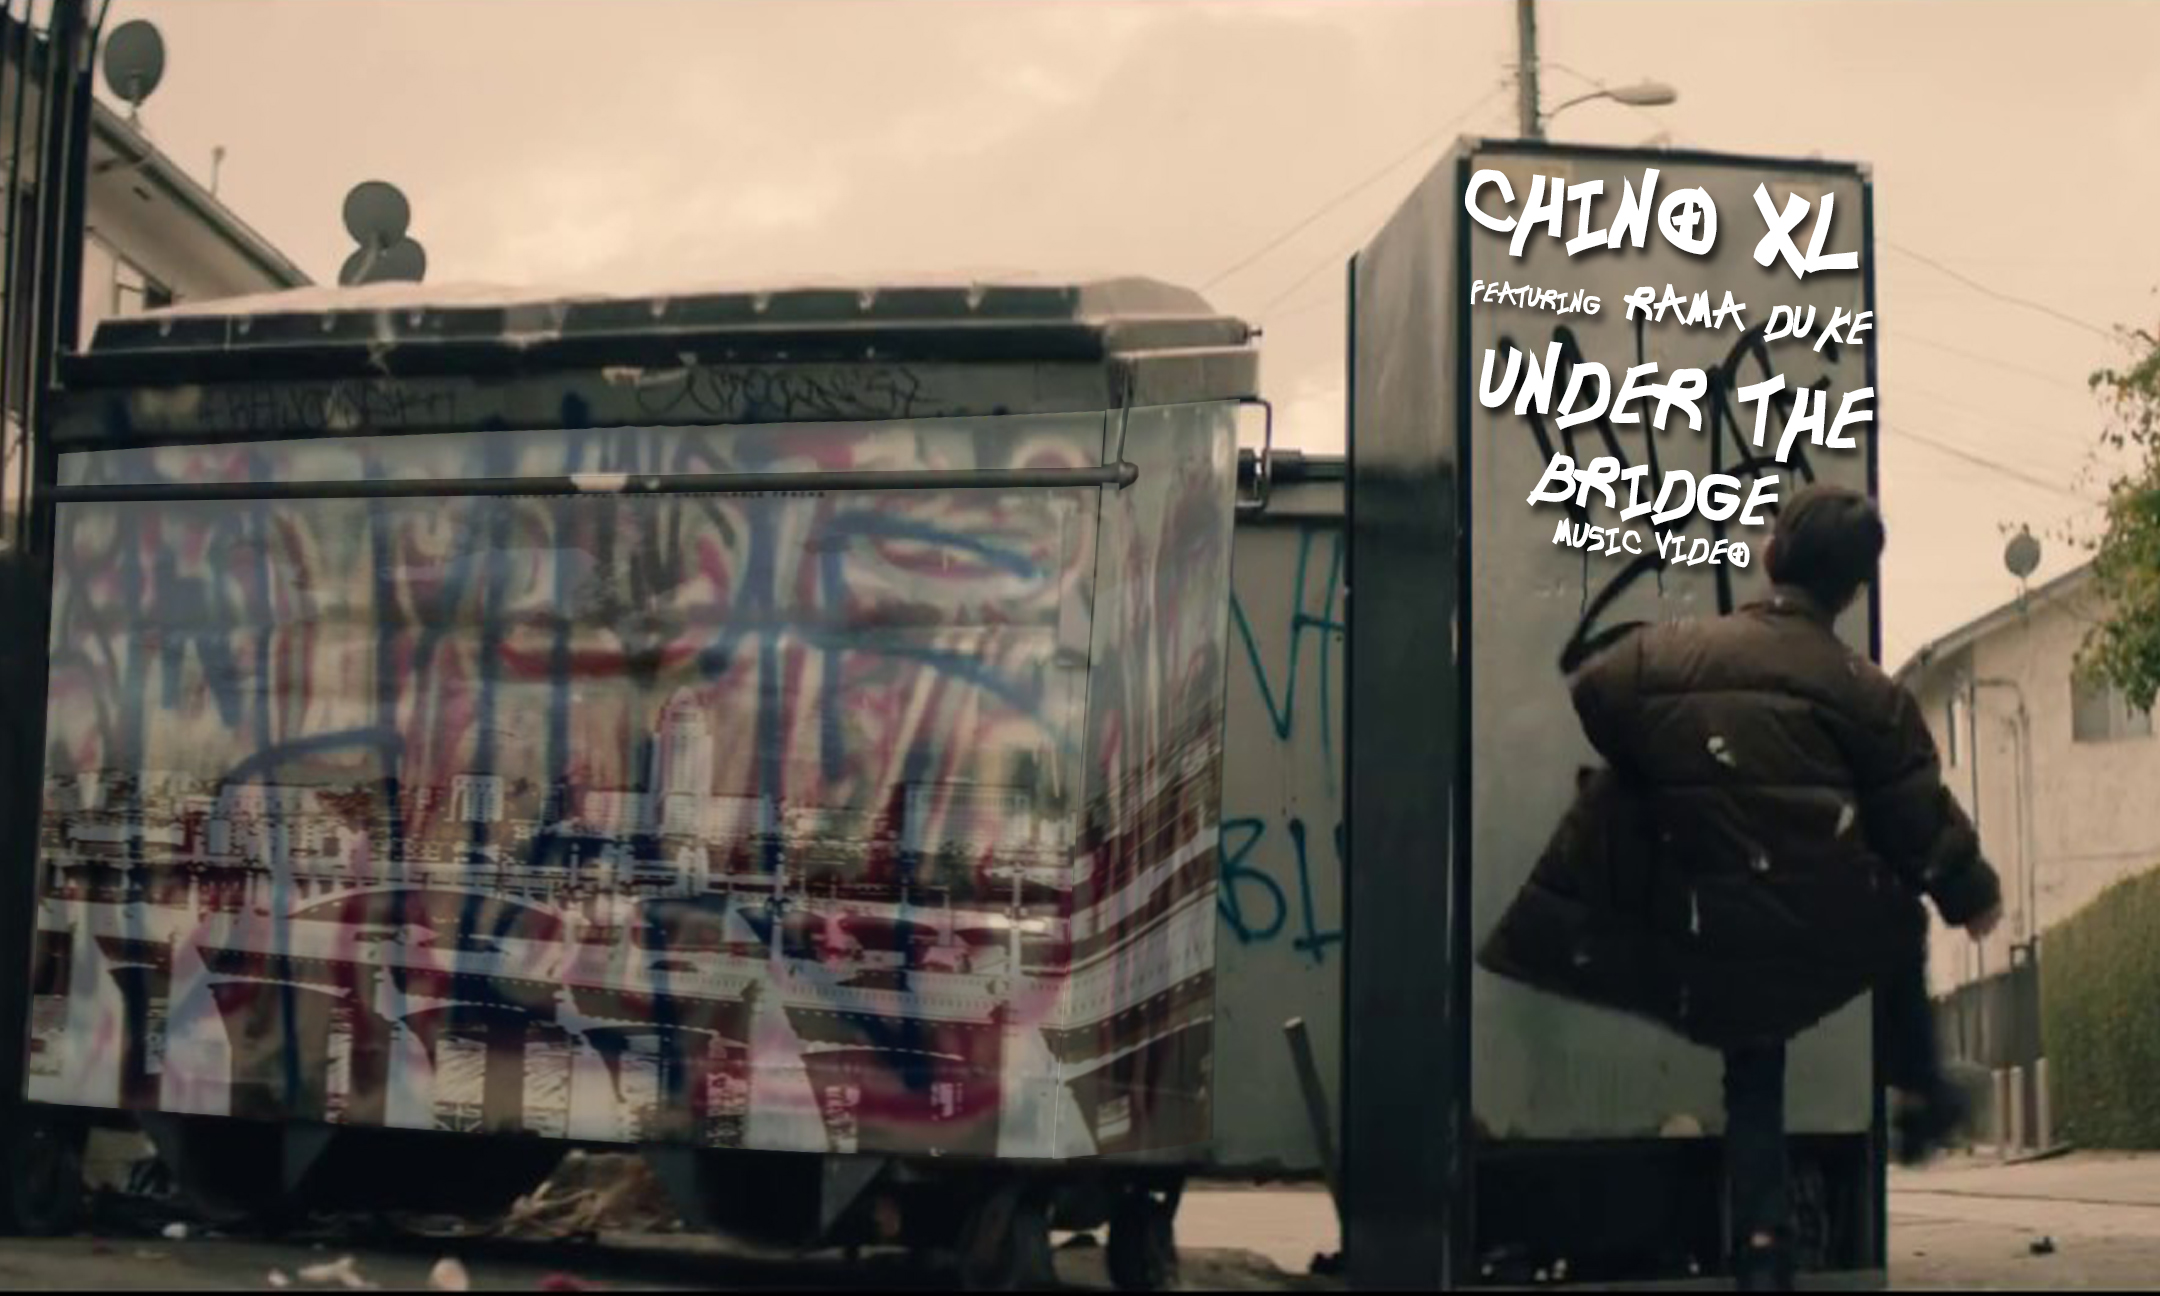 Chino XL – Under The Bridge feat Rama Duke #MusicVideo